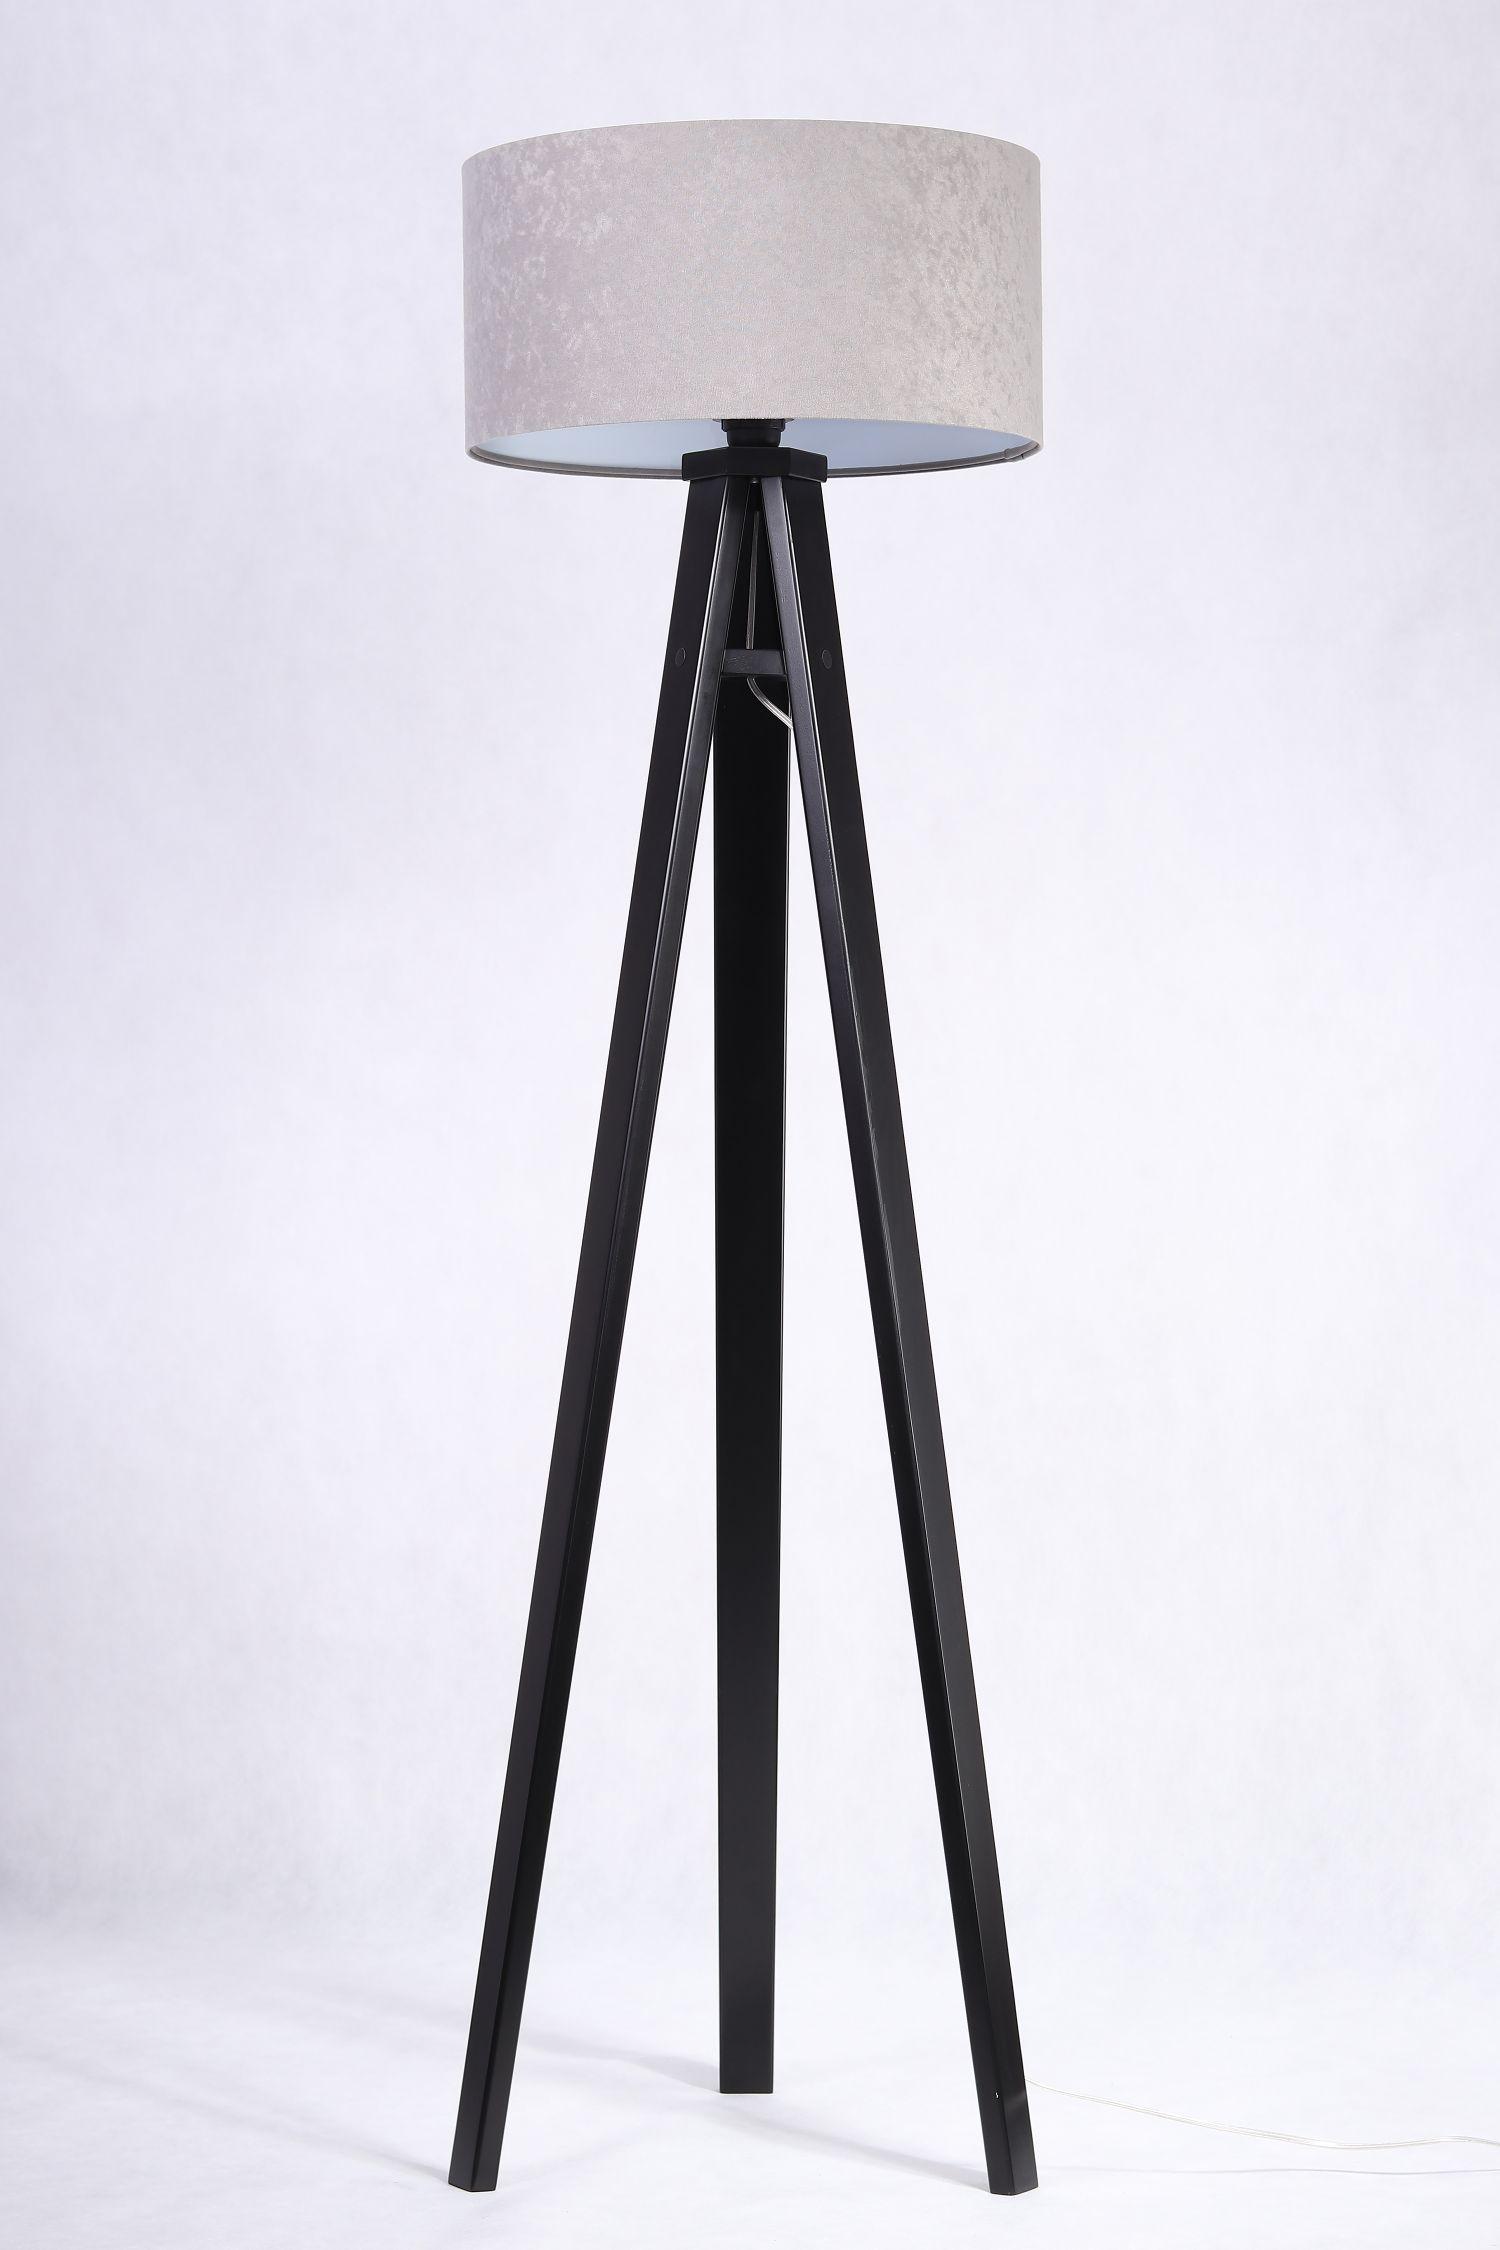 Stehlampe Holz Beleuchtung Grau Silber Wohnzimmer